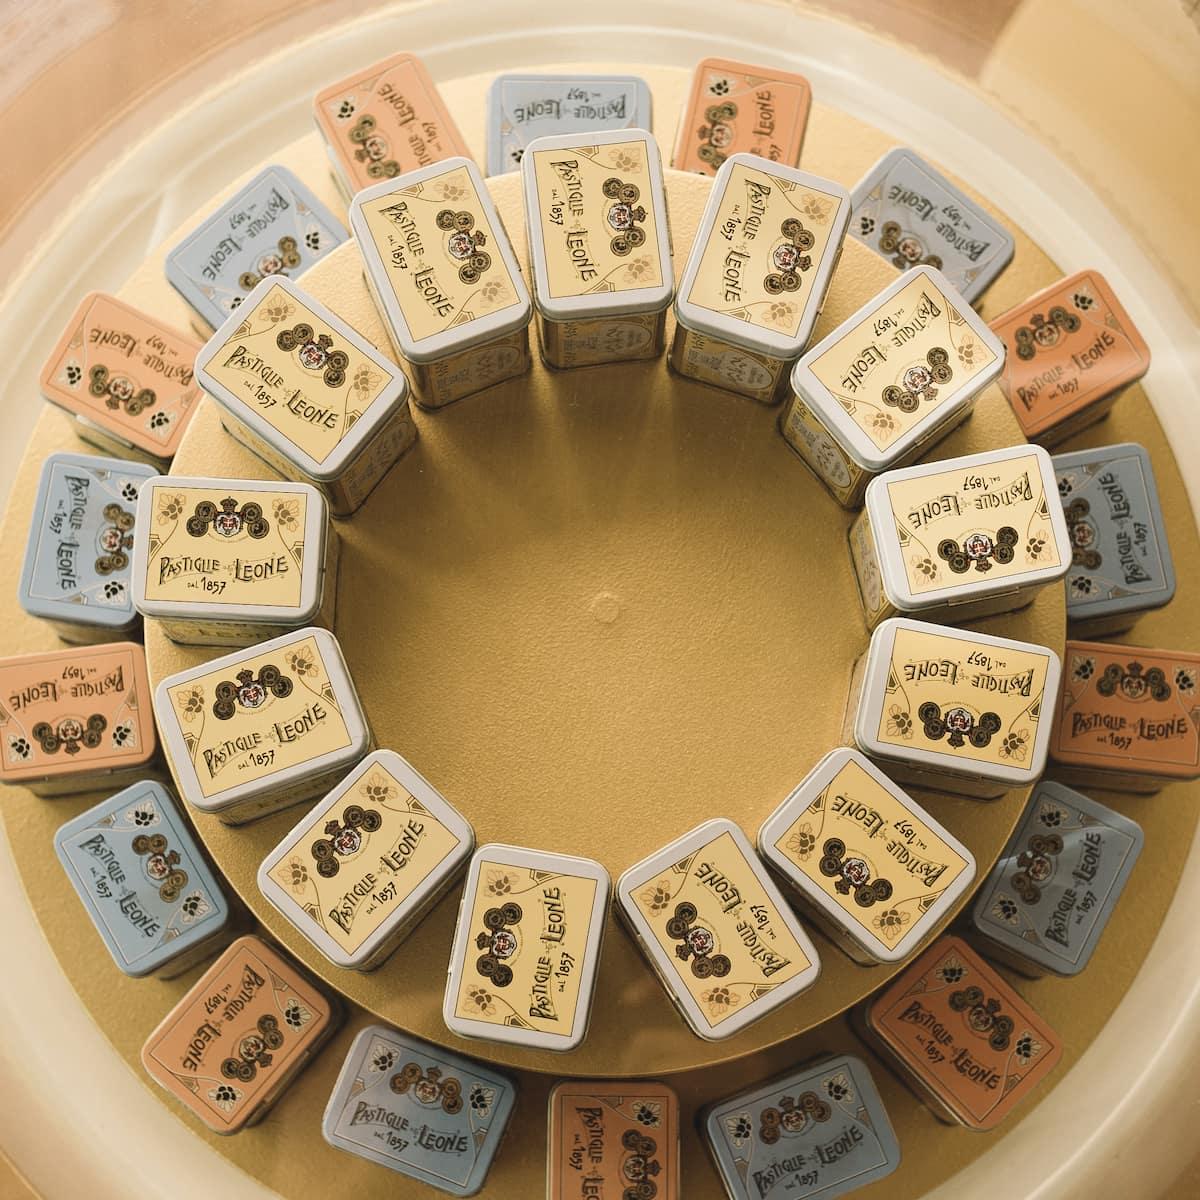 La fabbrica delle caramelle: come nascono le Pastiglie Leone?